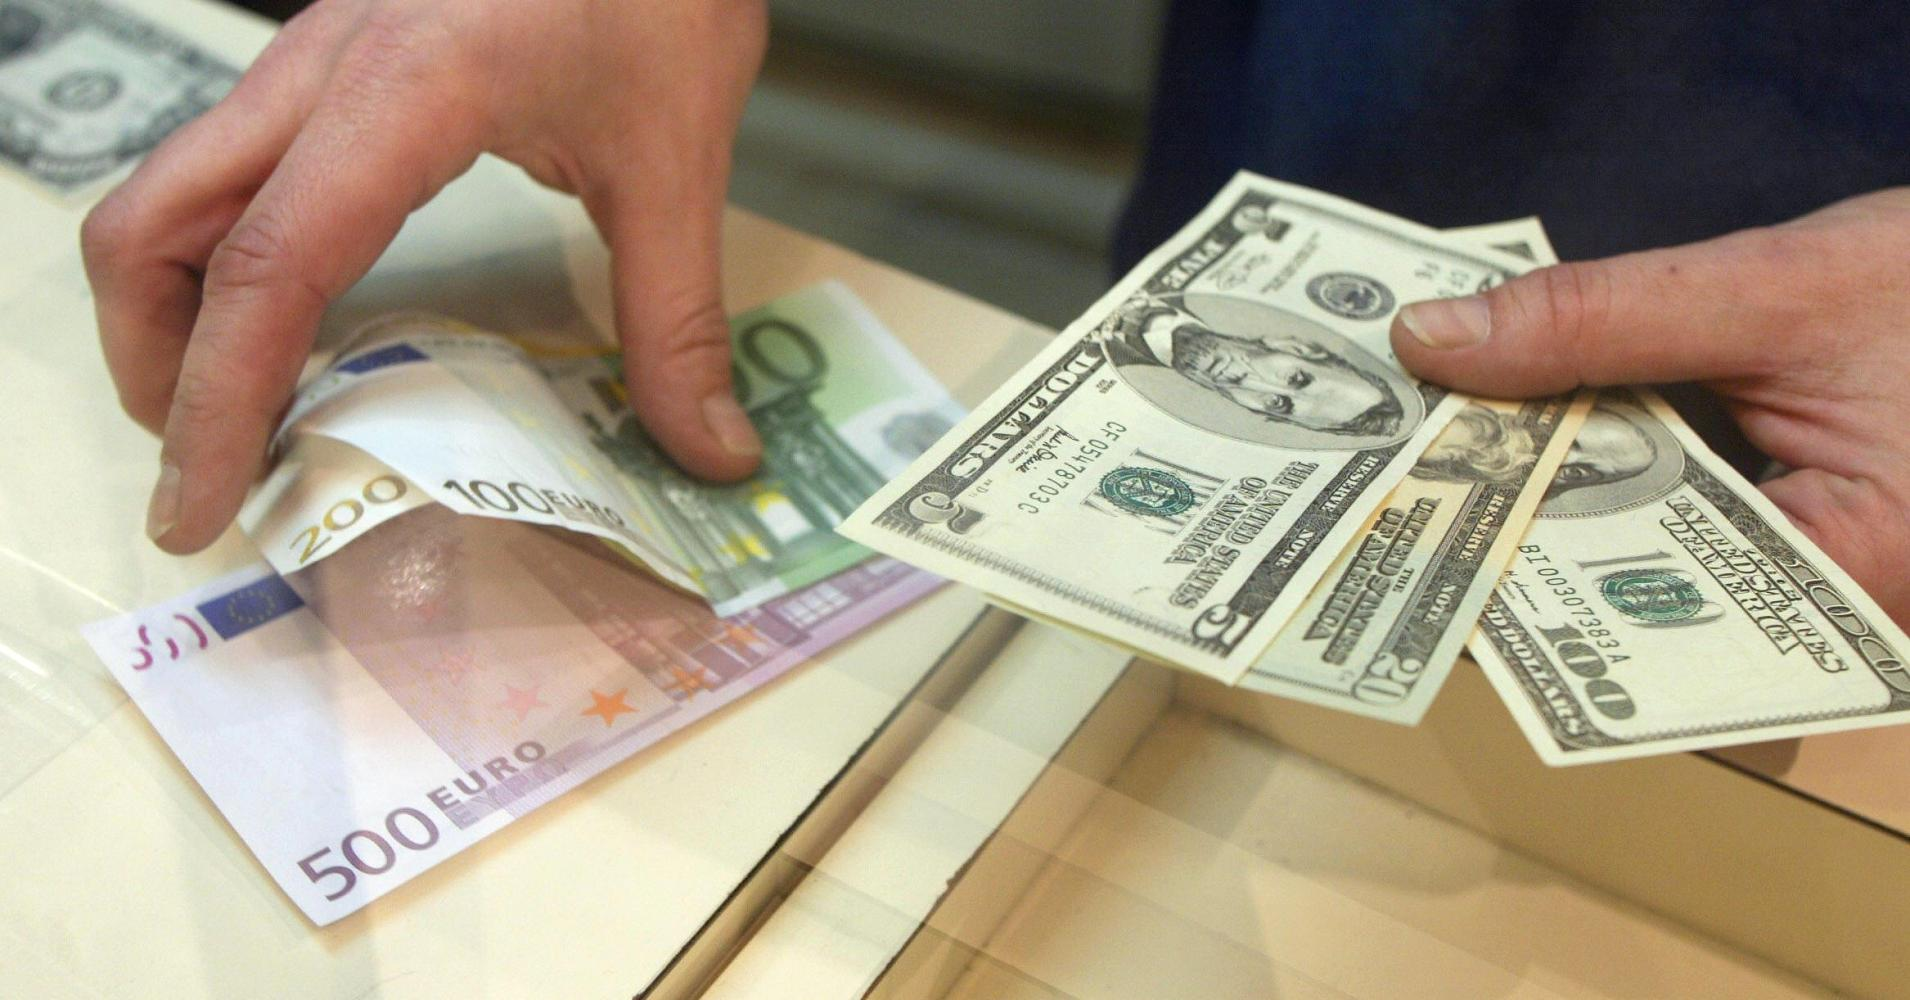 نرخ رسمی ۲۲ ارز افزایش یافت/ دلار دوباره در کانال 11 هزار تومان خرید و فروش شد